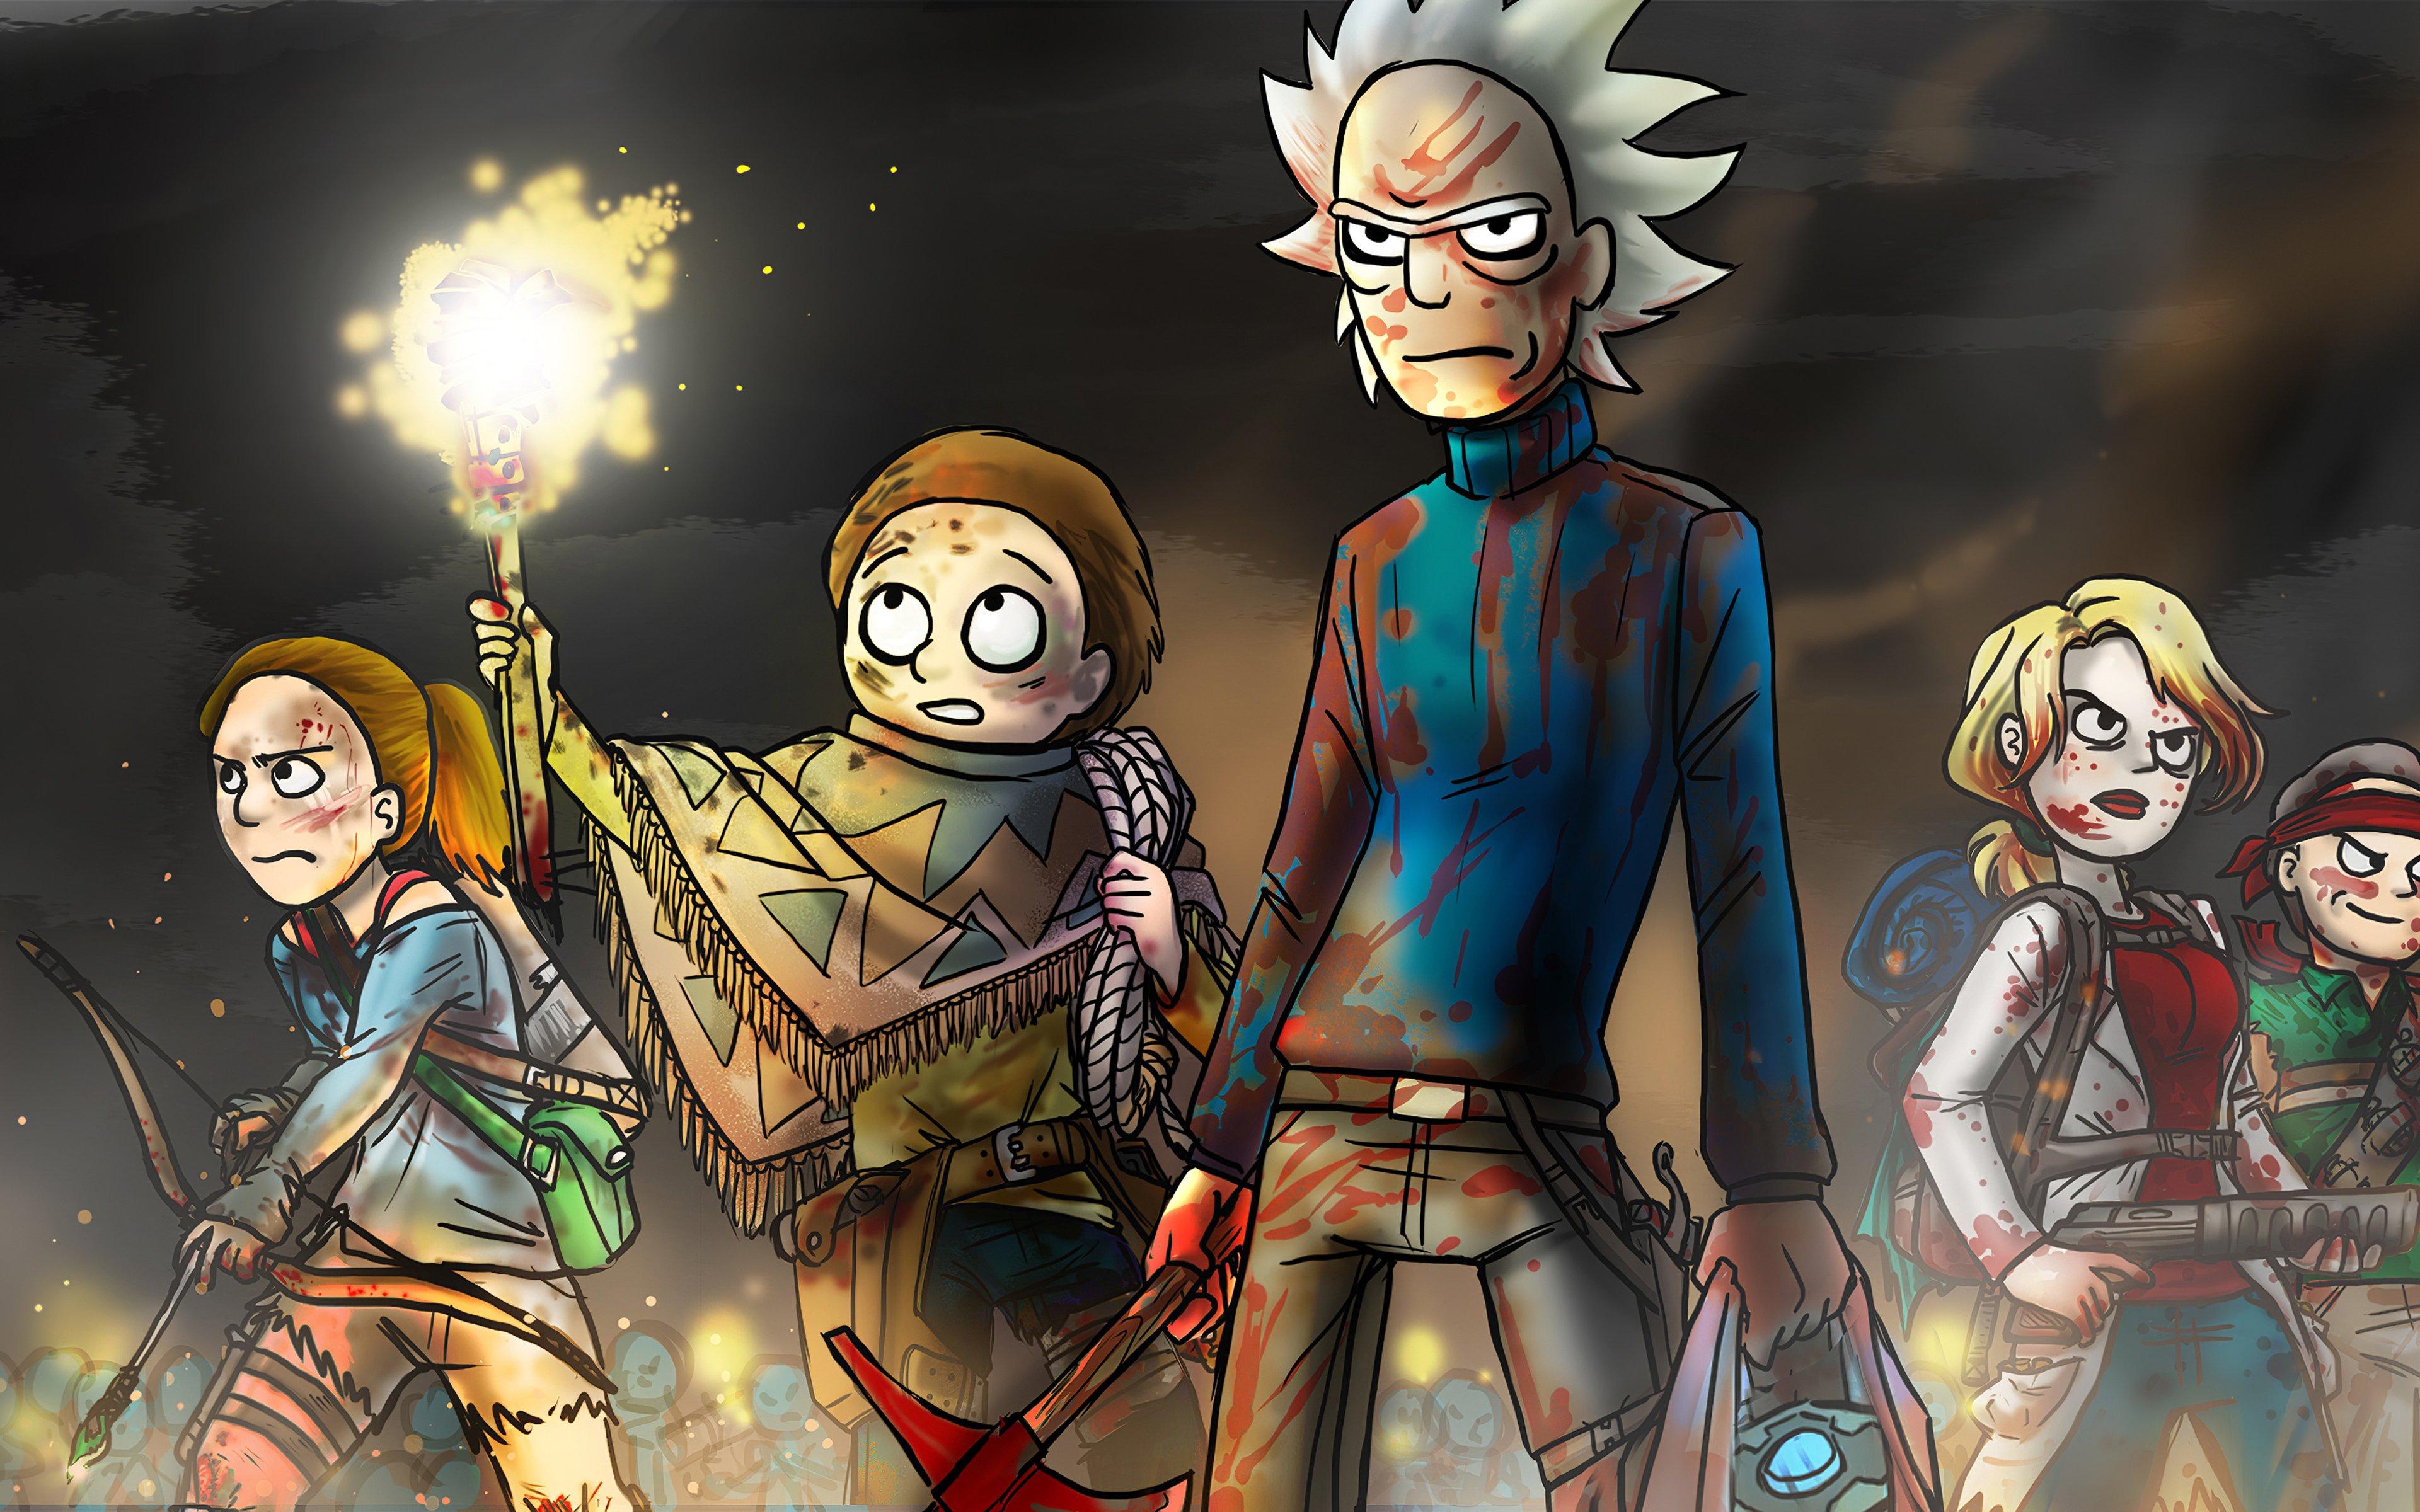 Fondos de pantalla Rick y Morty en batalla